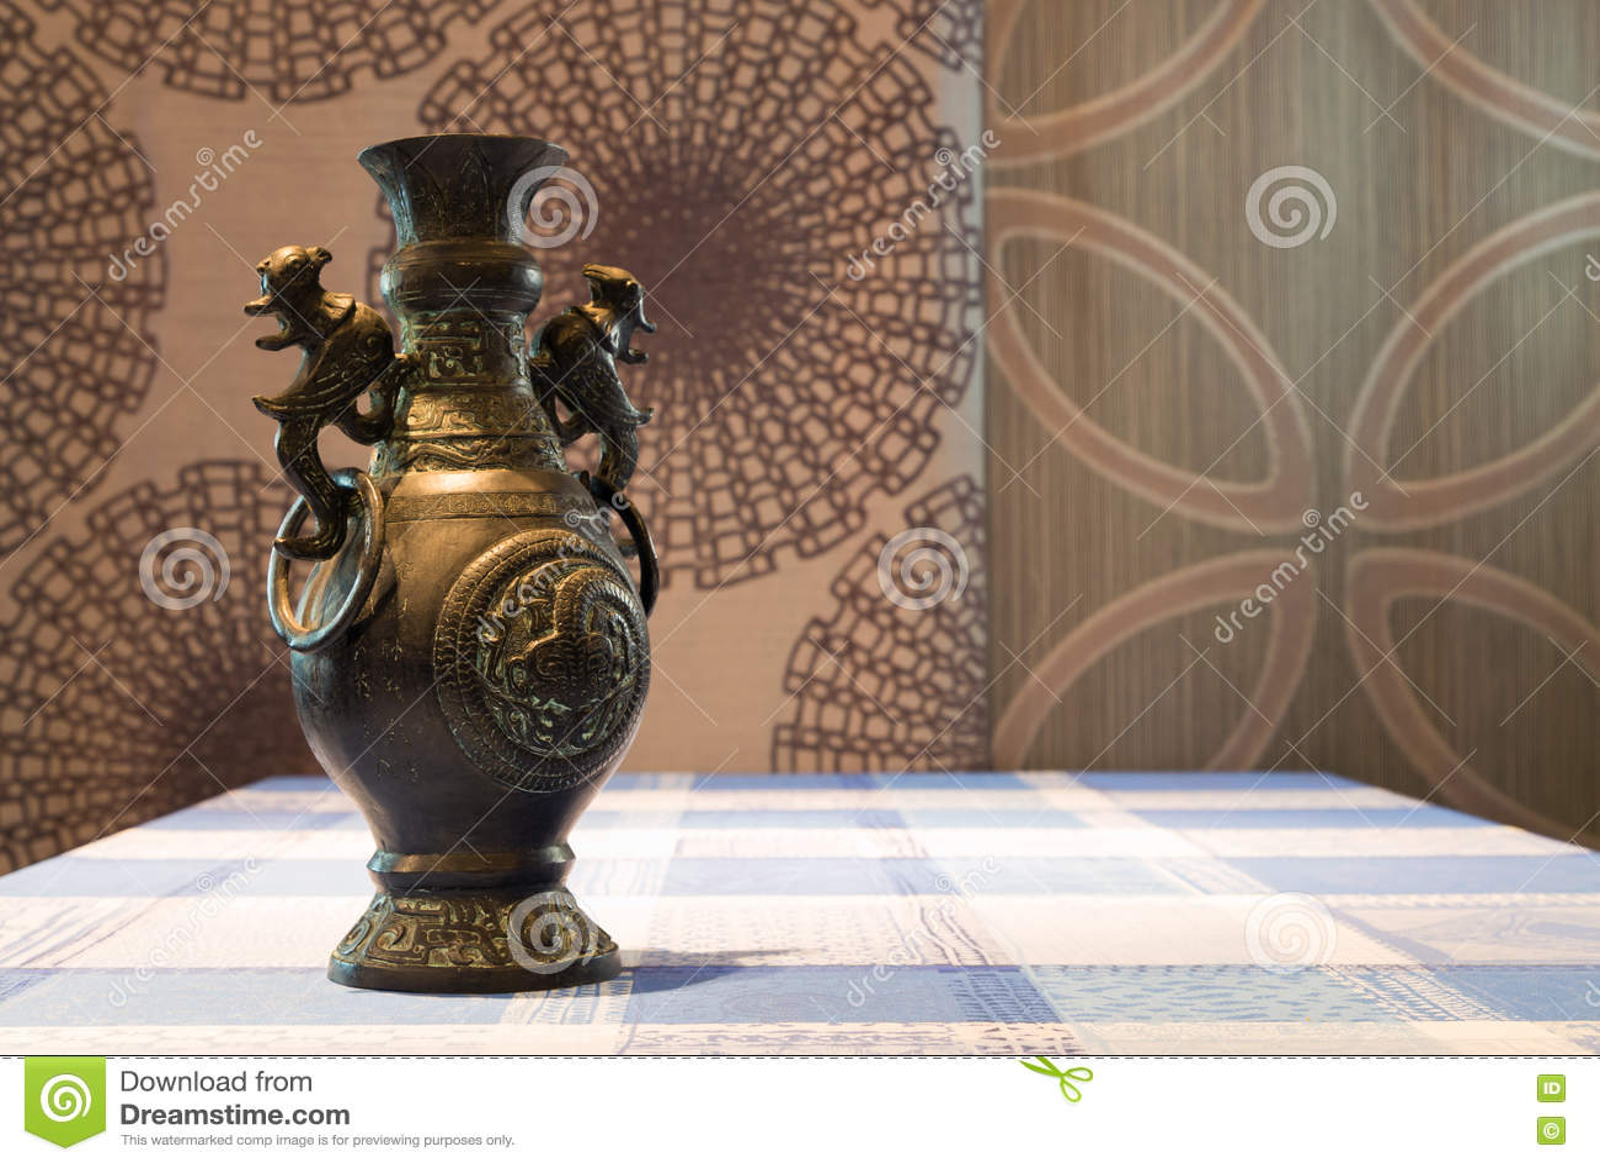 文物的古铜色花瓶